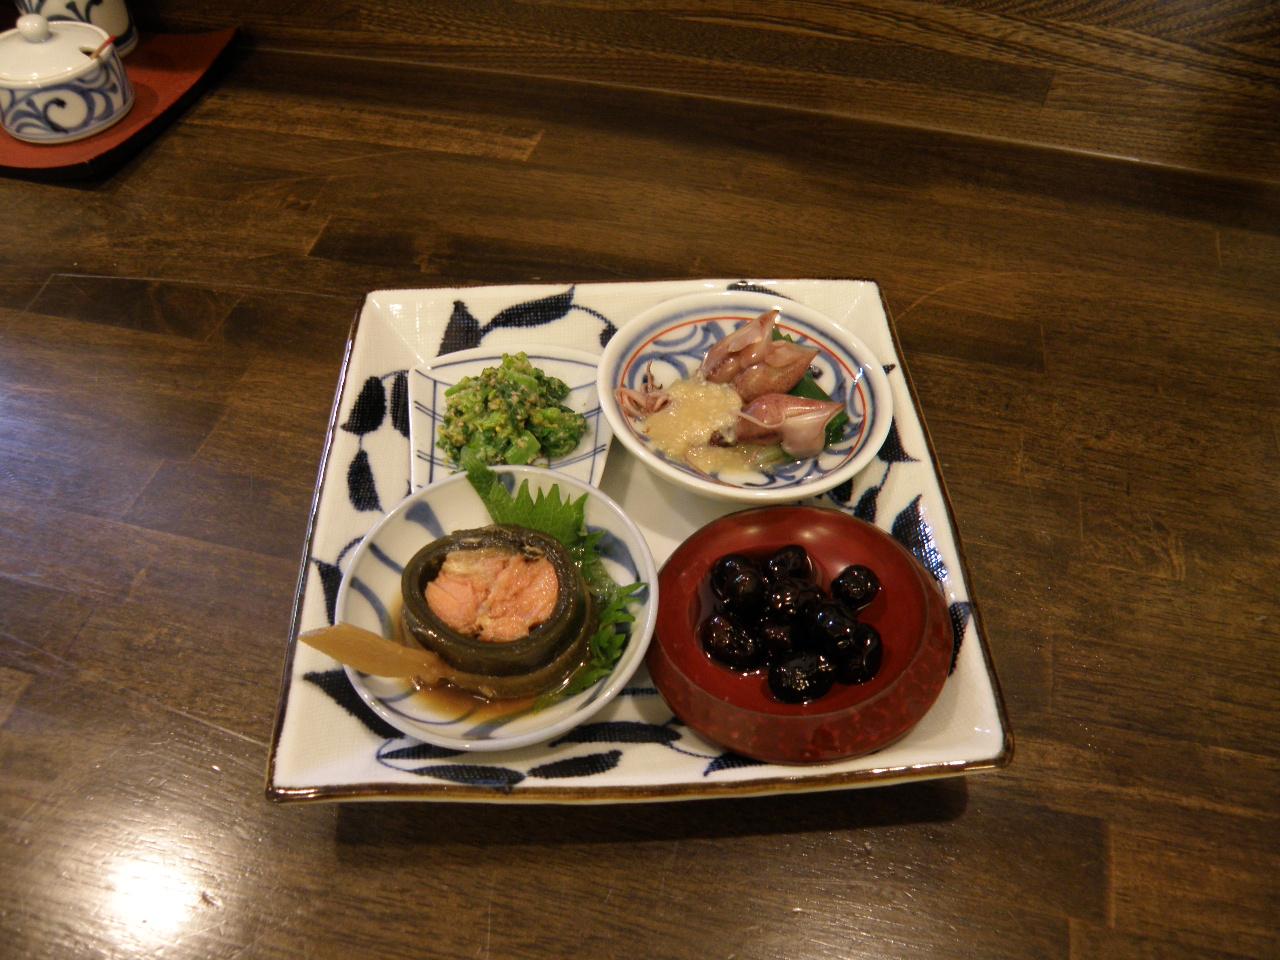 お昼はお蕎麦が中心となりますが、夜のメニューでは一品料理も人気です!